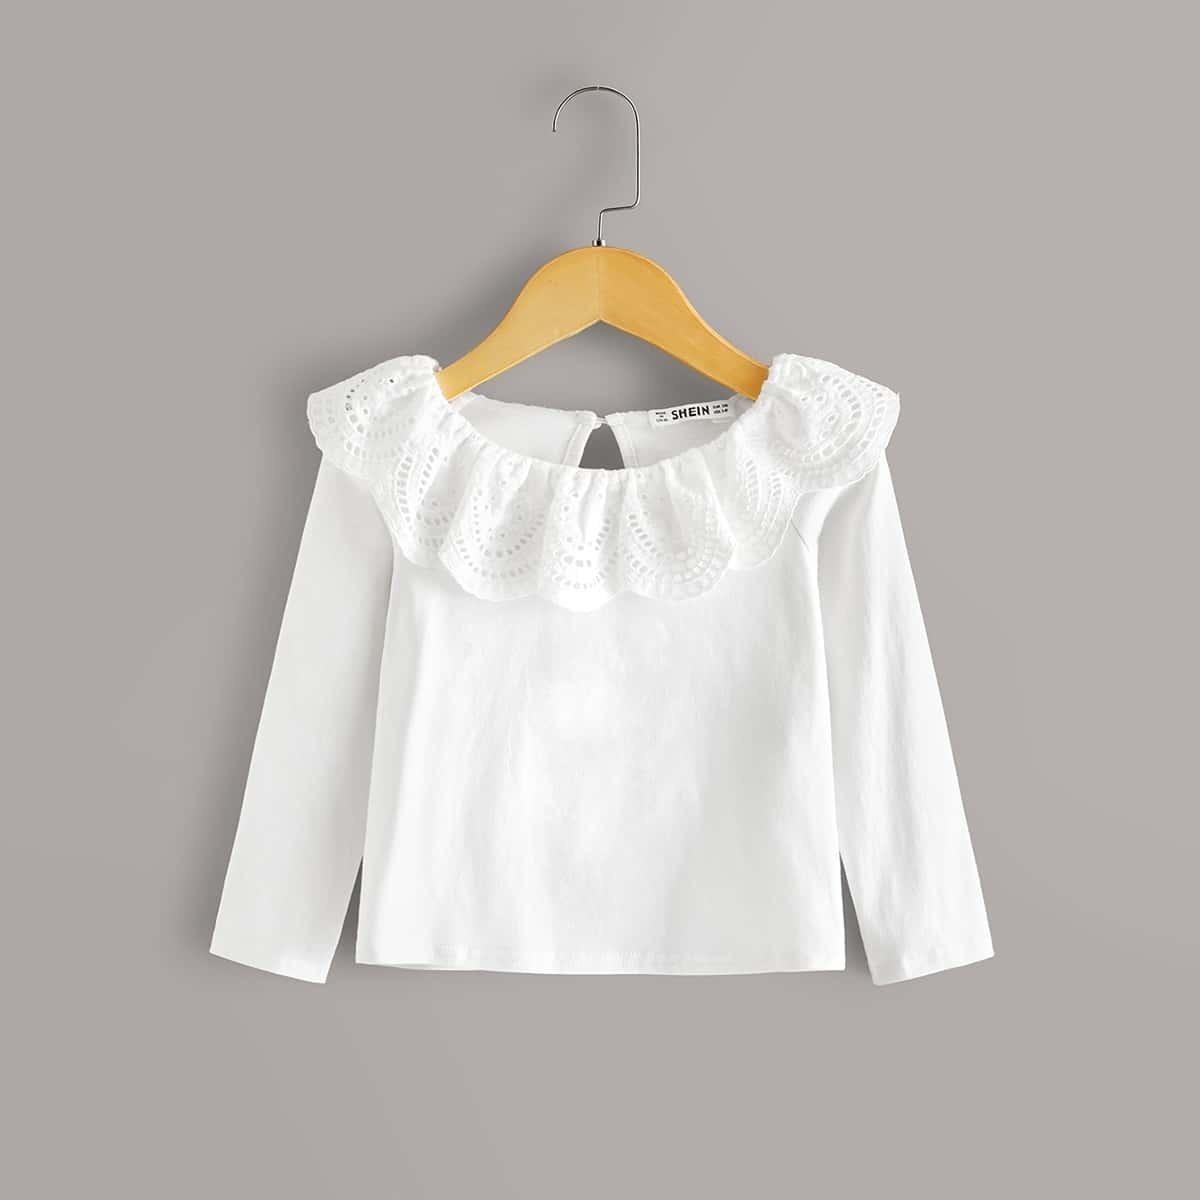 Wit Casual Vlak Shirts kleuters-meisjes Rimpeling